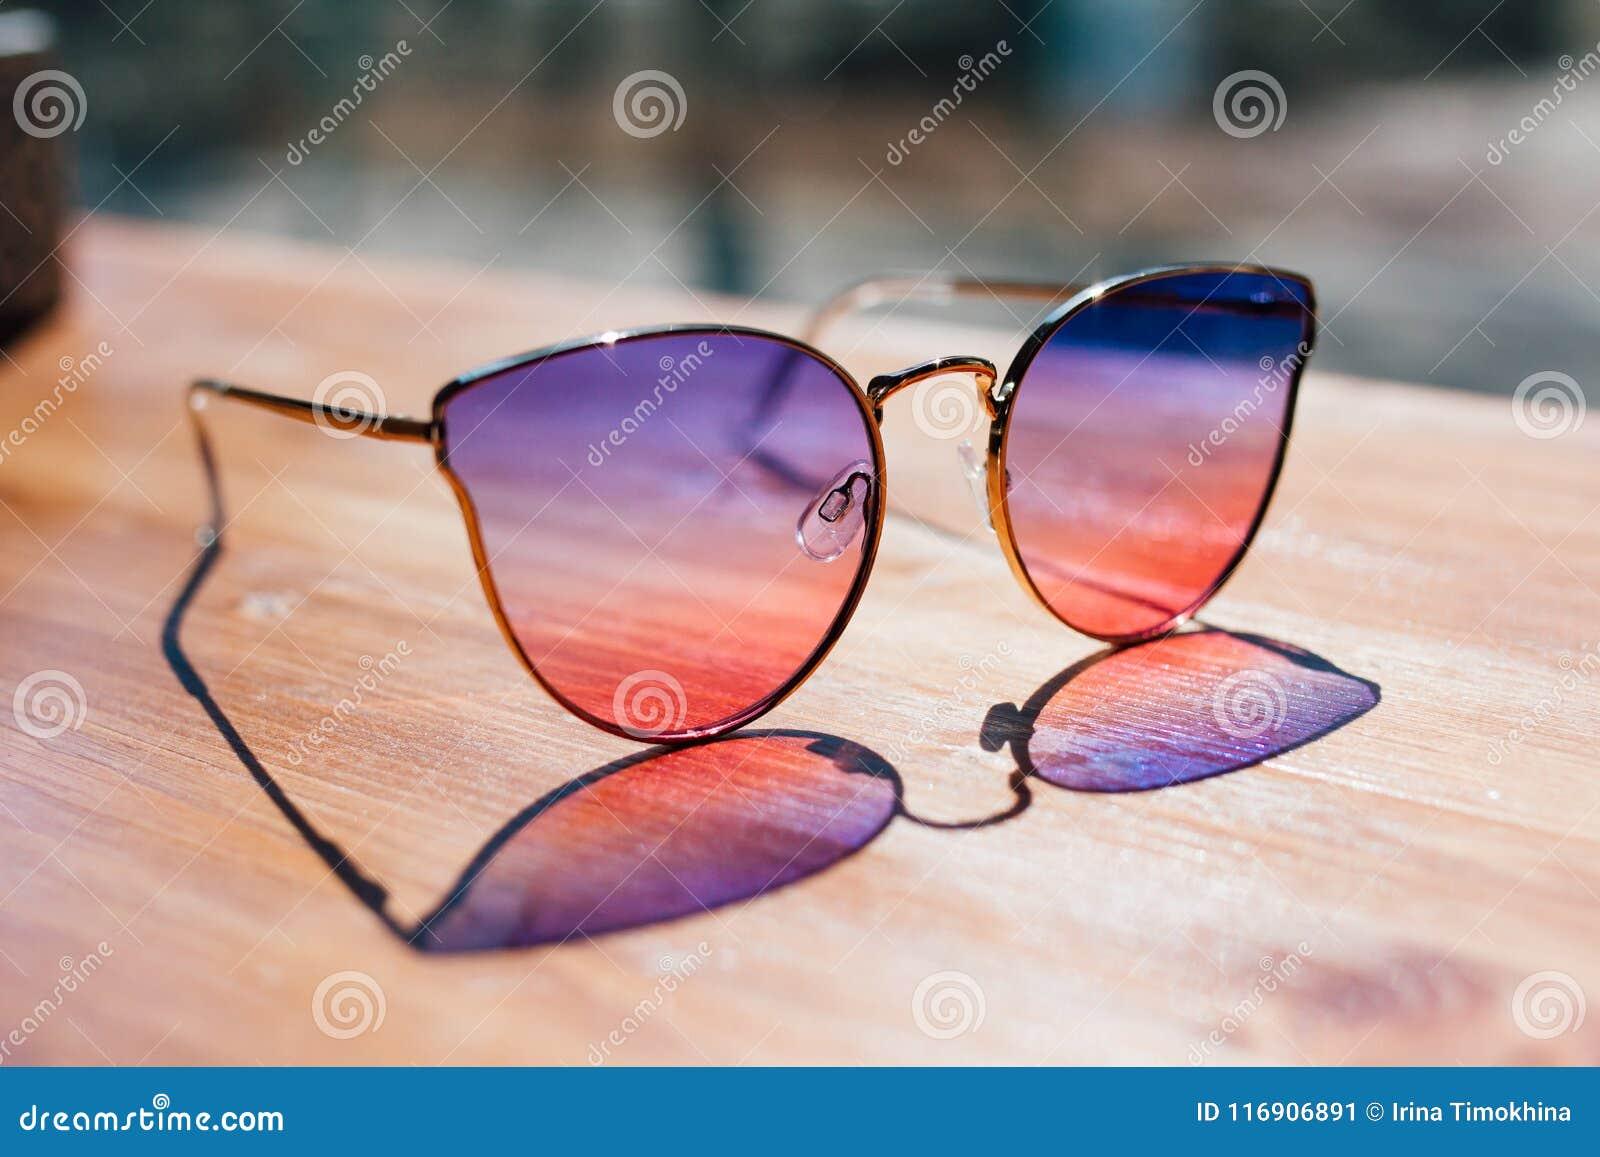 Τα γυαλιά ηλίου βρίσκονται στον πίνακα